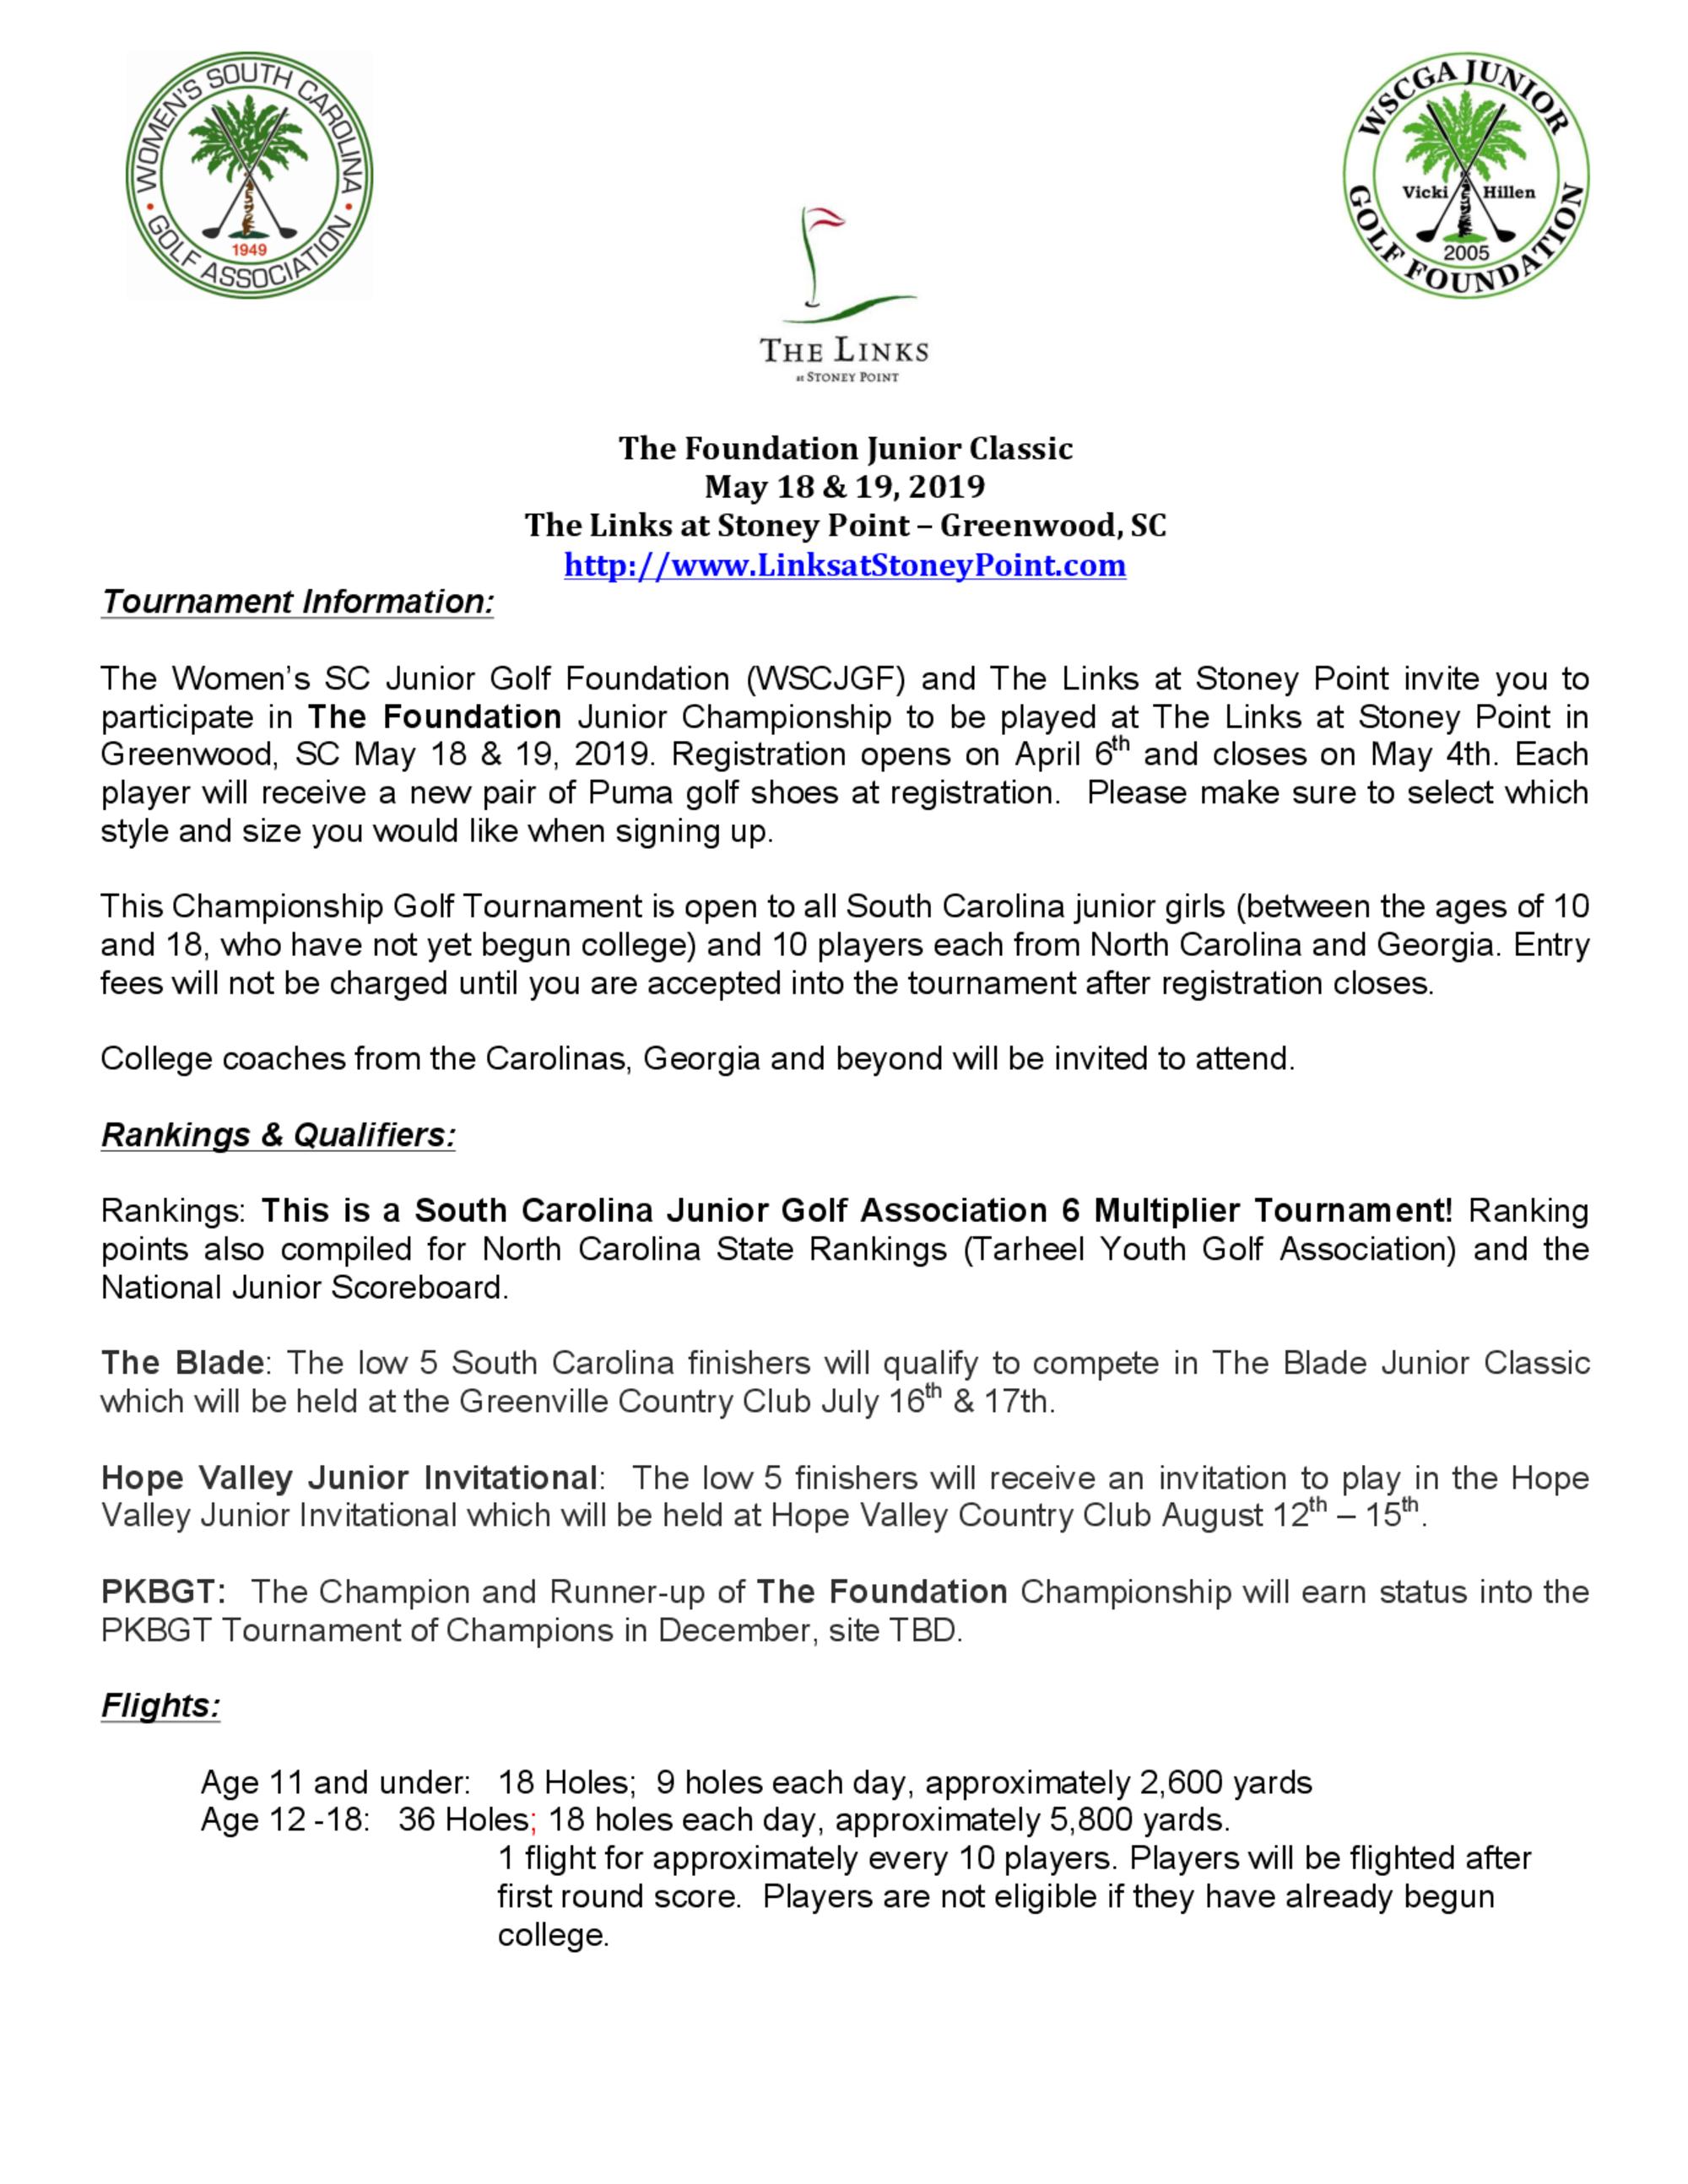 Tournament info 1